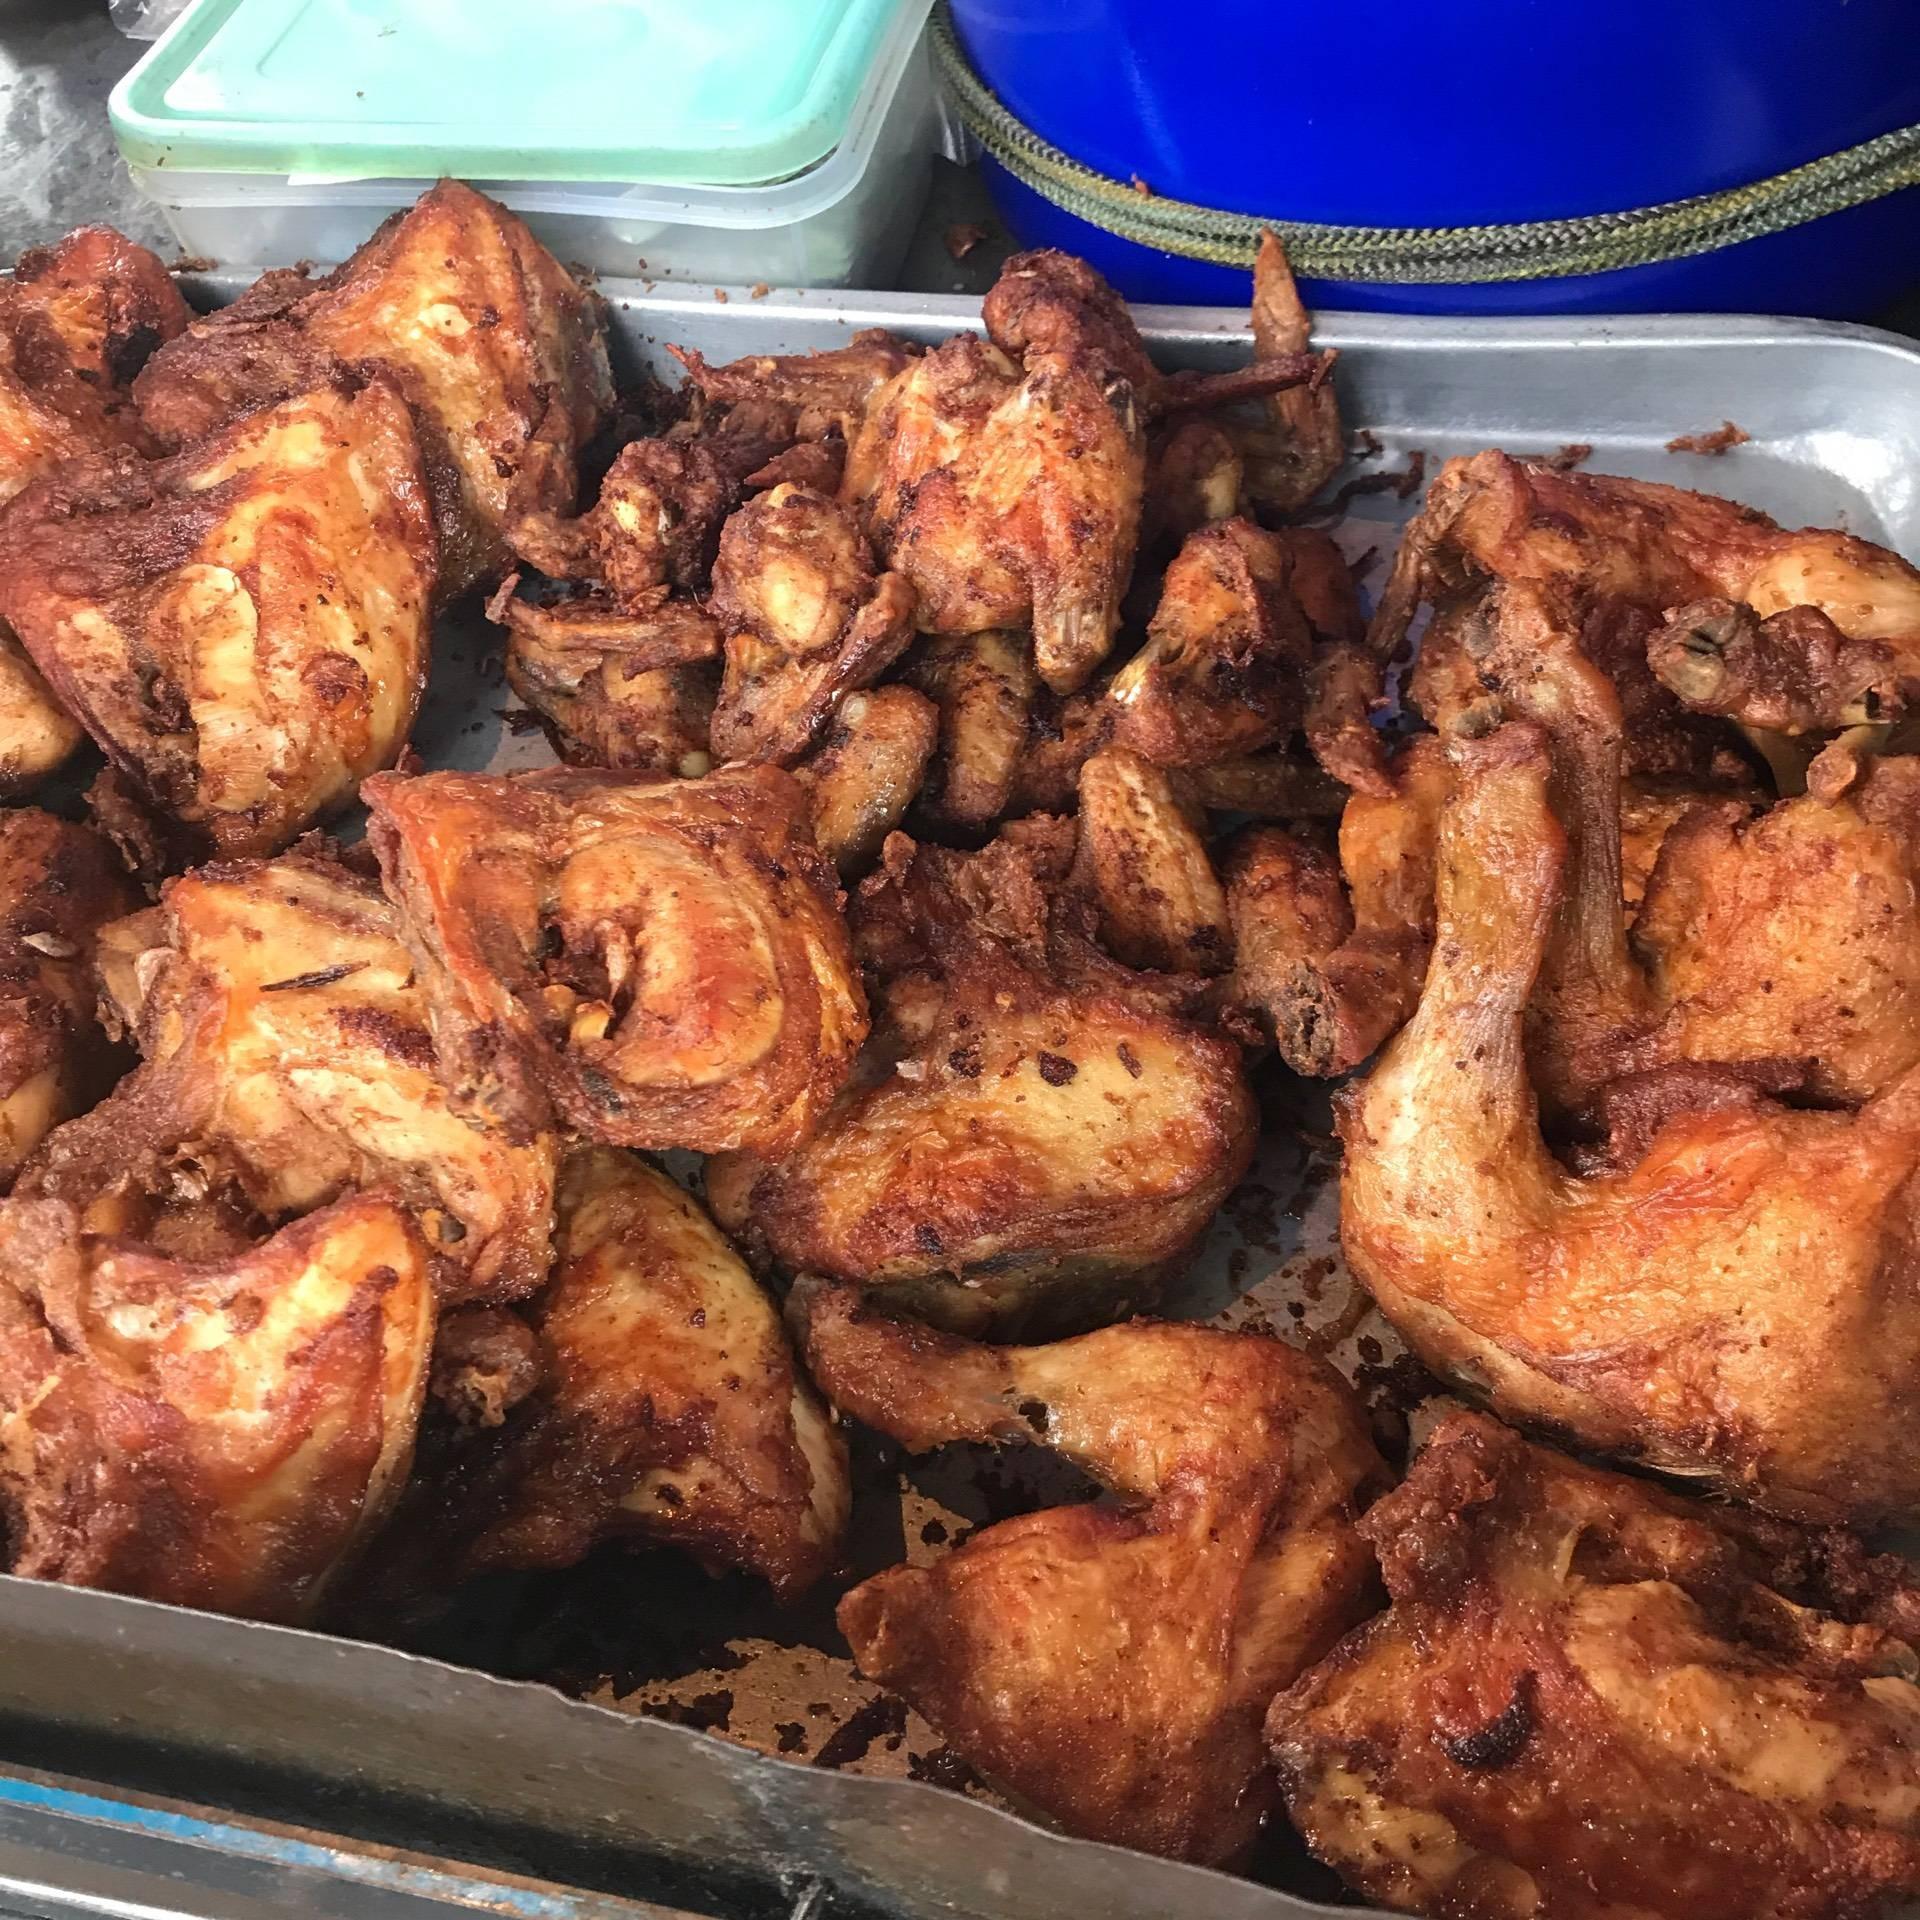 ไก่ทอด ประชาสงเคราะห์30 ห้วยขวาง อยู่ปากทางเข้าสนามกีฬาข้างร้านน้ำปั่น ร้านขนมรังผึ้ง